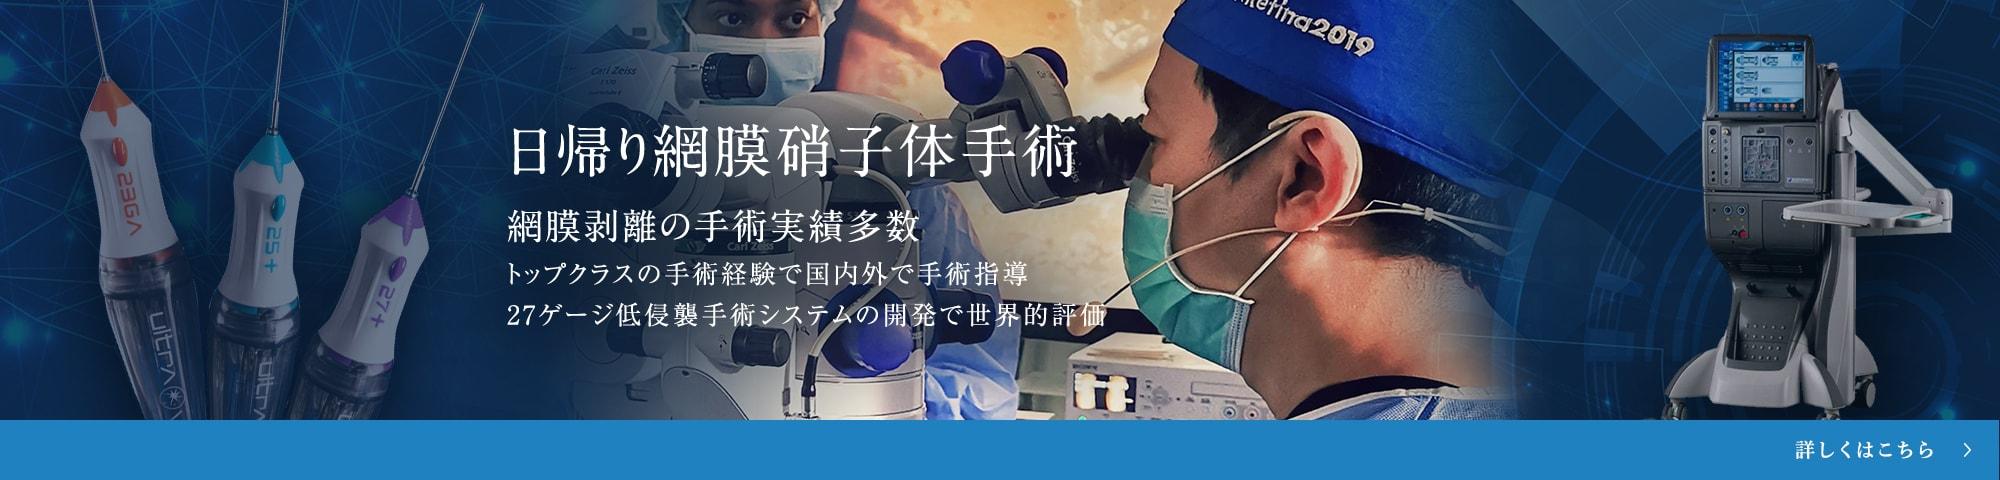 日帰り網膜硝子体手術 網膜剥離の手術実績多数 トップクラスの手術経験で国内外で手術指導 27ゲージ低侵襲手術システムの開発で世界的評価